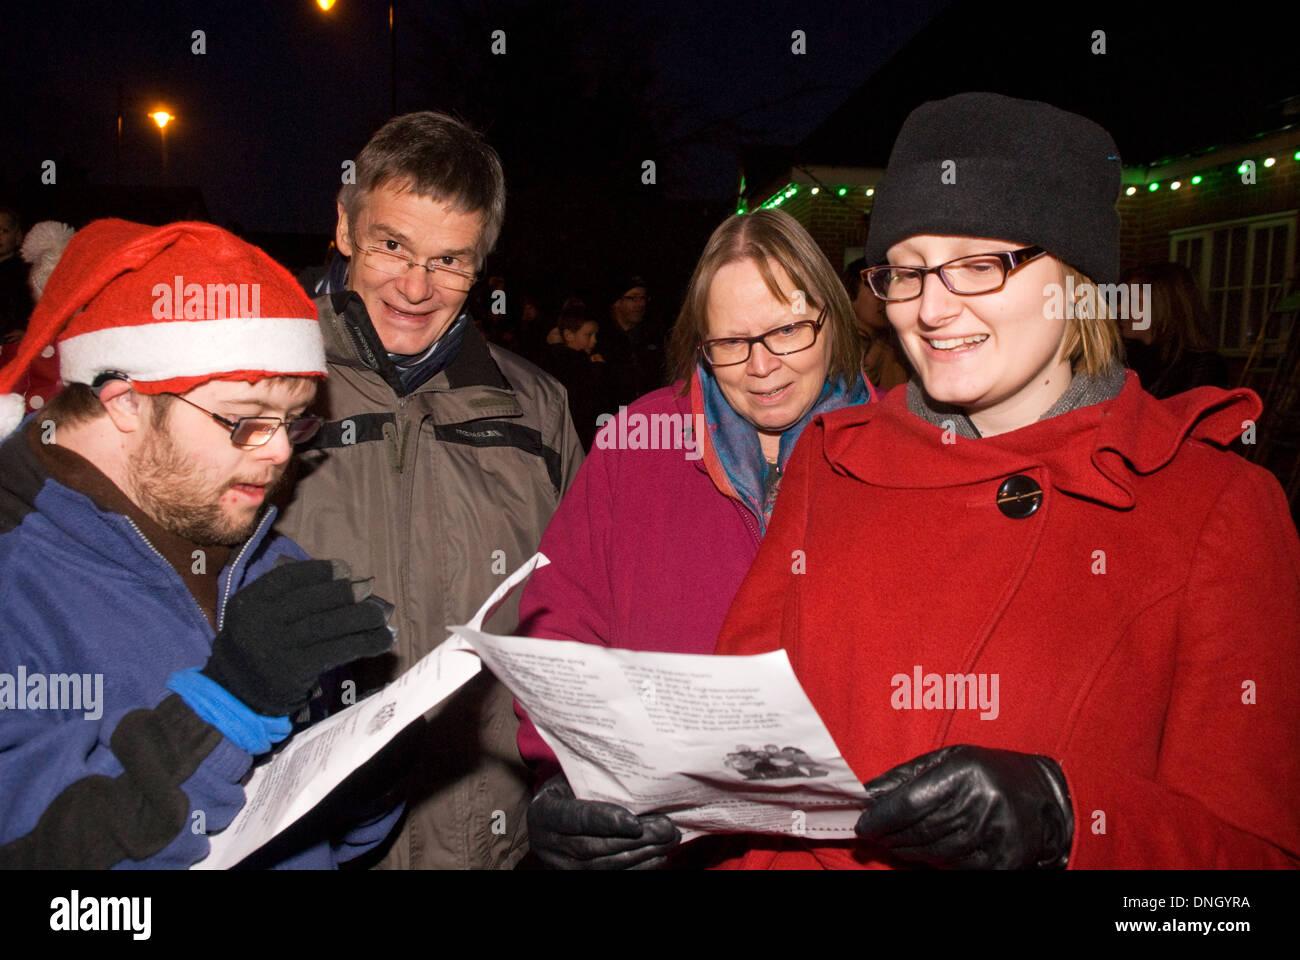 Weihnachtslieder Zum Singen.Personen Singen Weihnachtslieder Am Abend Hindhead Surrey